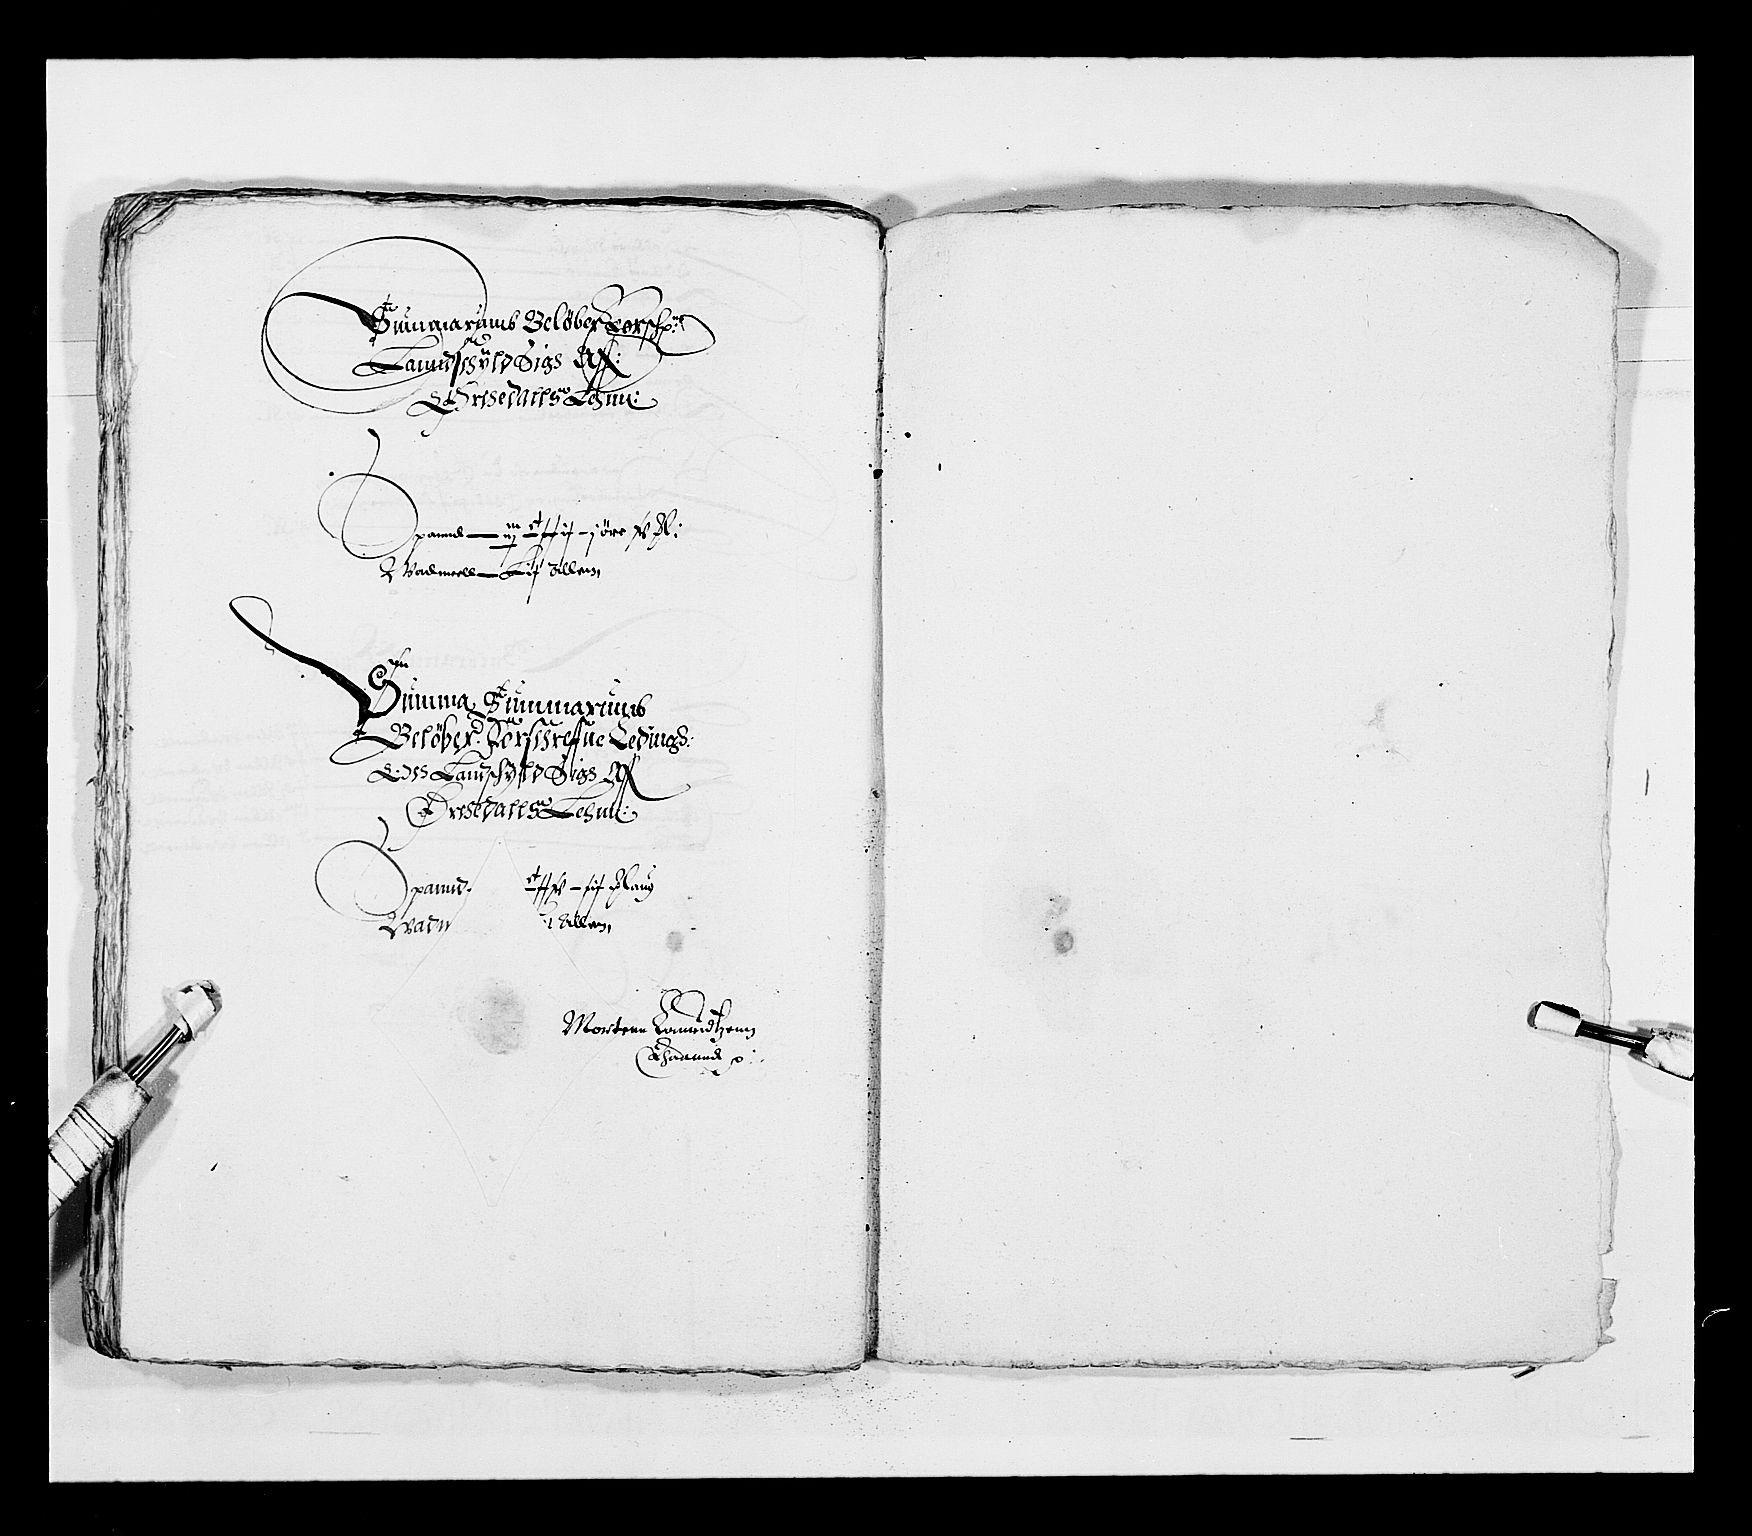 RA, Stattholderembetet 1572-1771, Ek/L0028: Jordebøker 1633-1658:, 1645-1646, s. 206